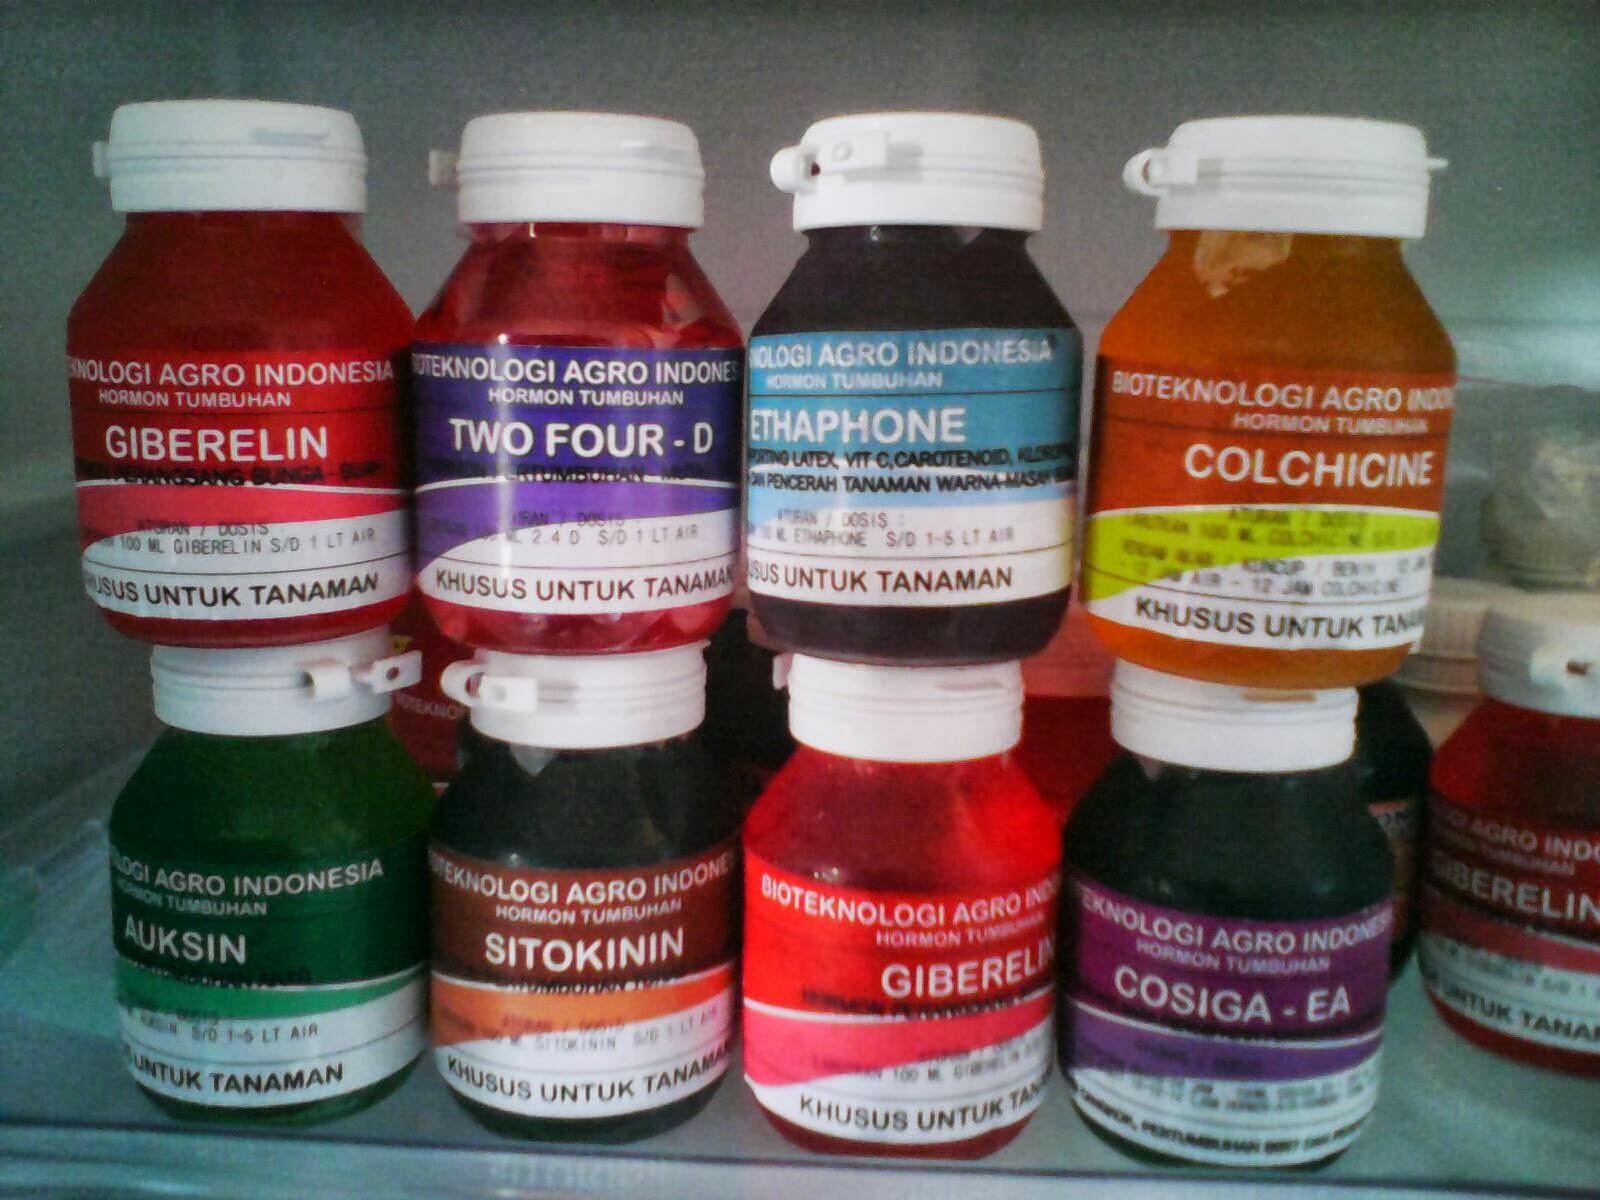 hormon tumbuhan auksin , sitokinin, giberelin, kolkisin, paclobutrasol, 2.4 D, ethapone-ethrel ,